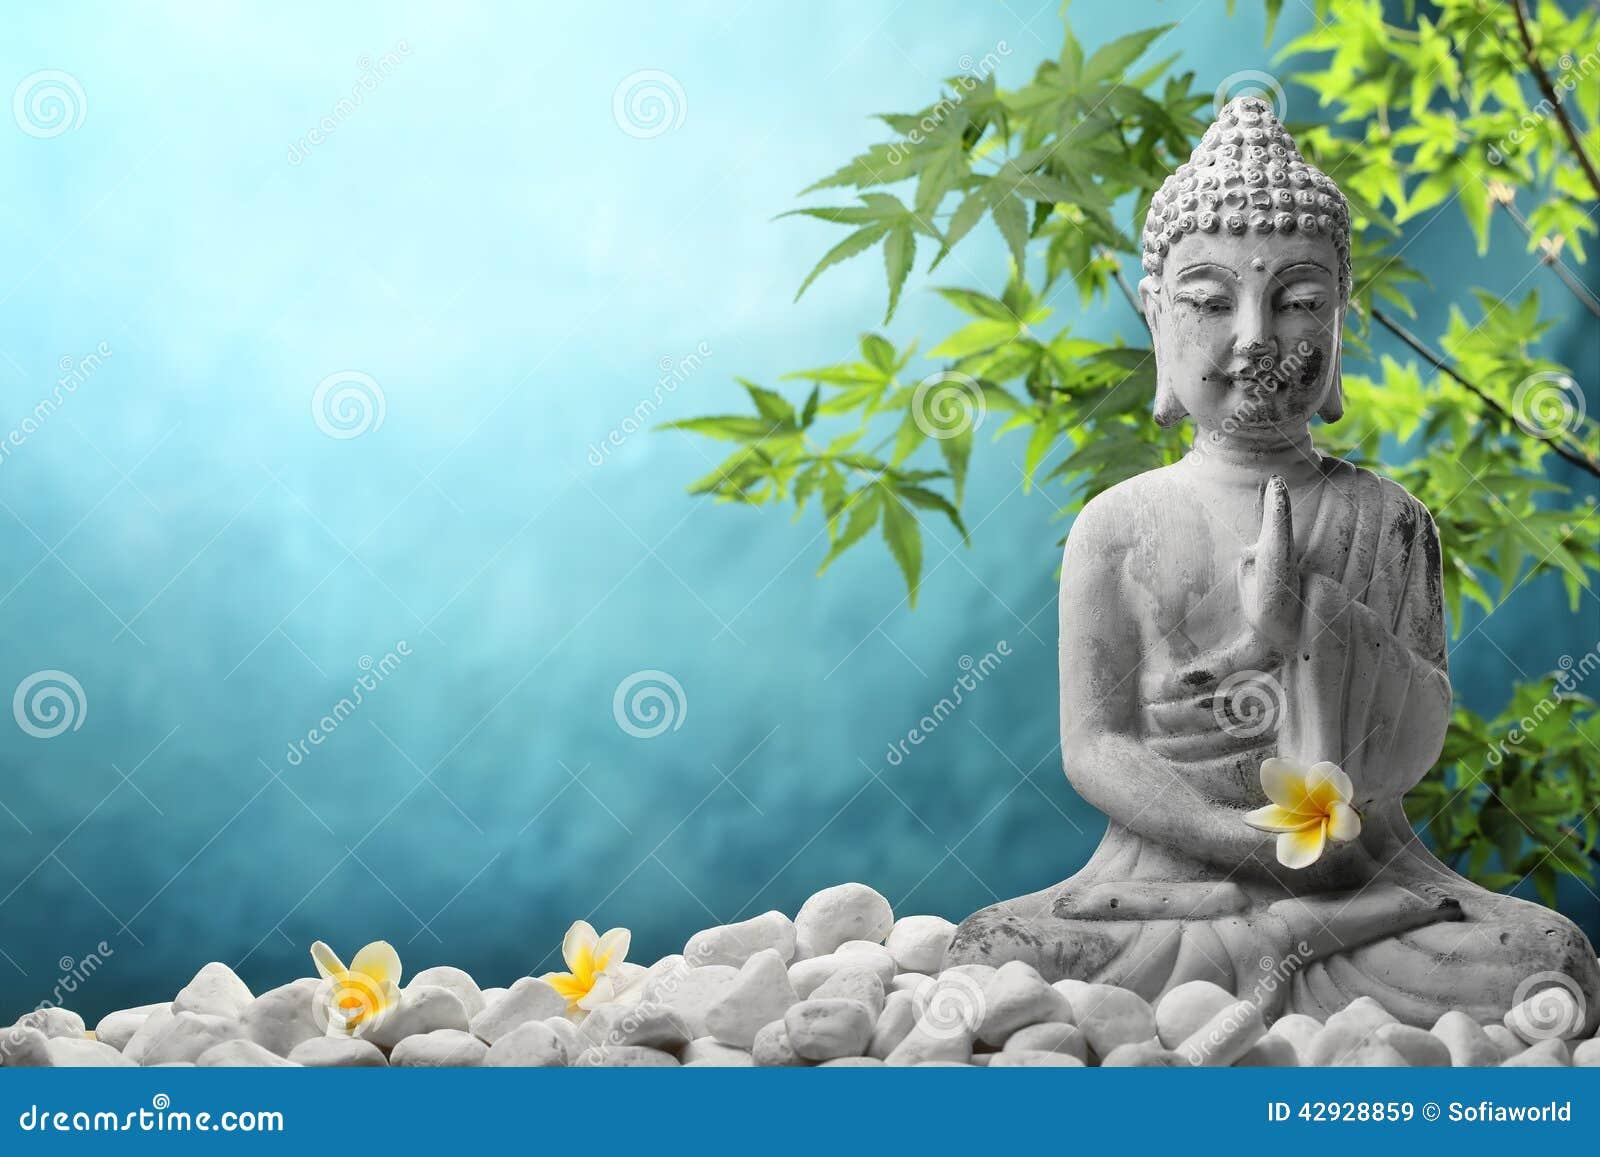 Buddha In Meditation Stock Photo - Image: 42928859